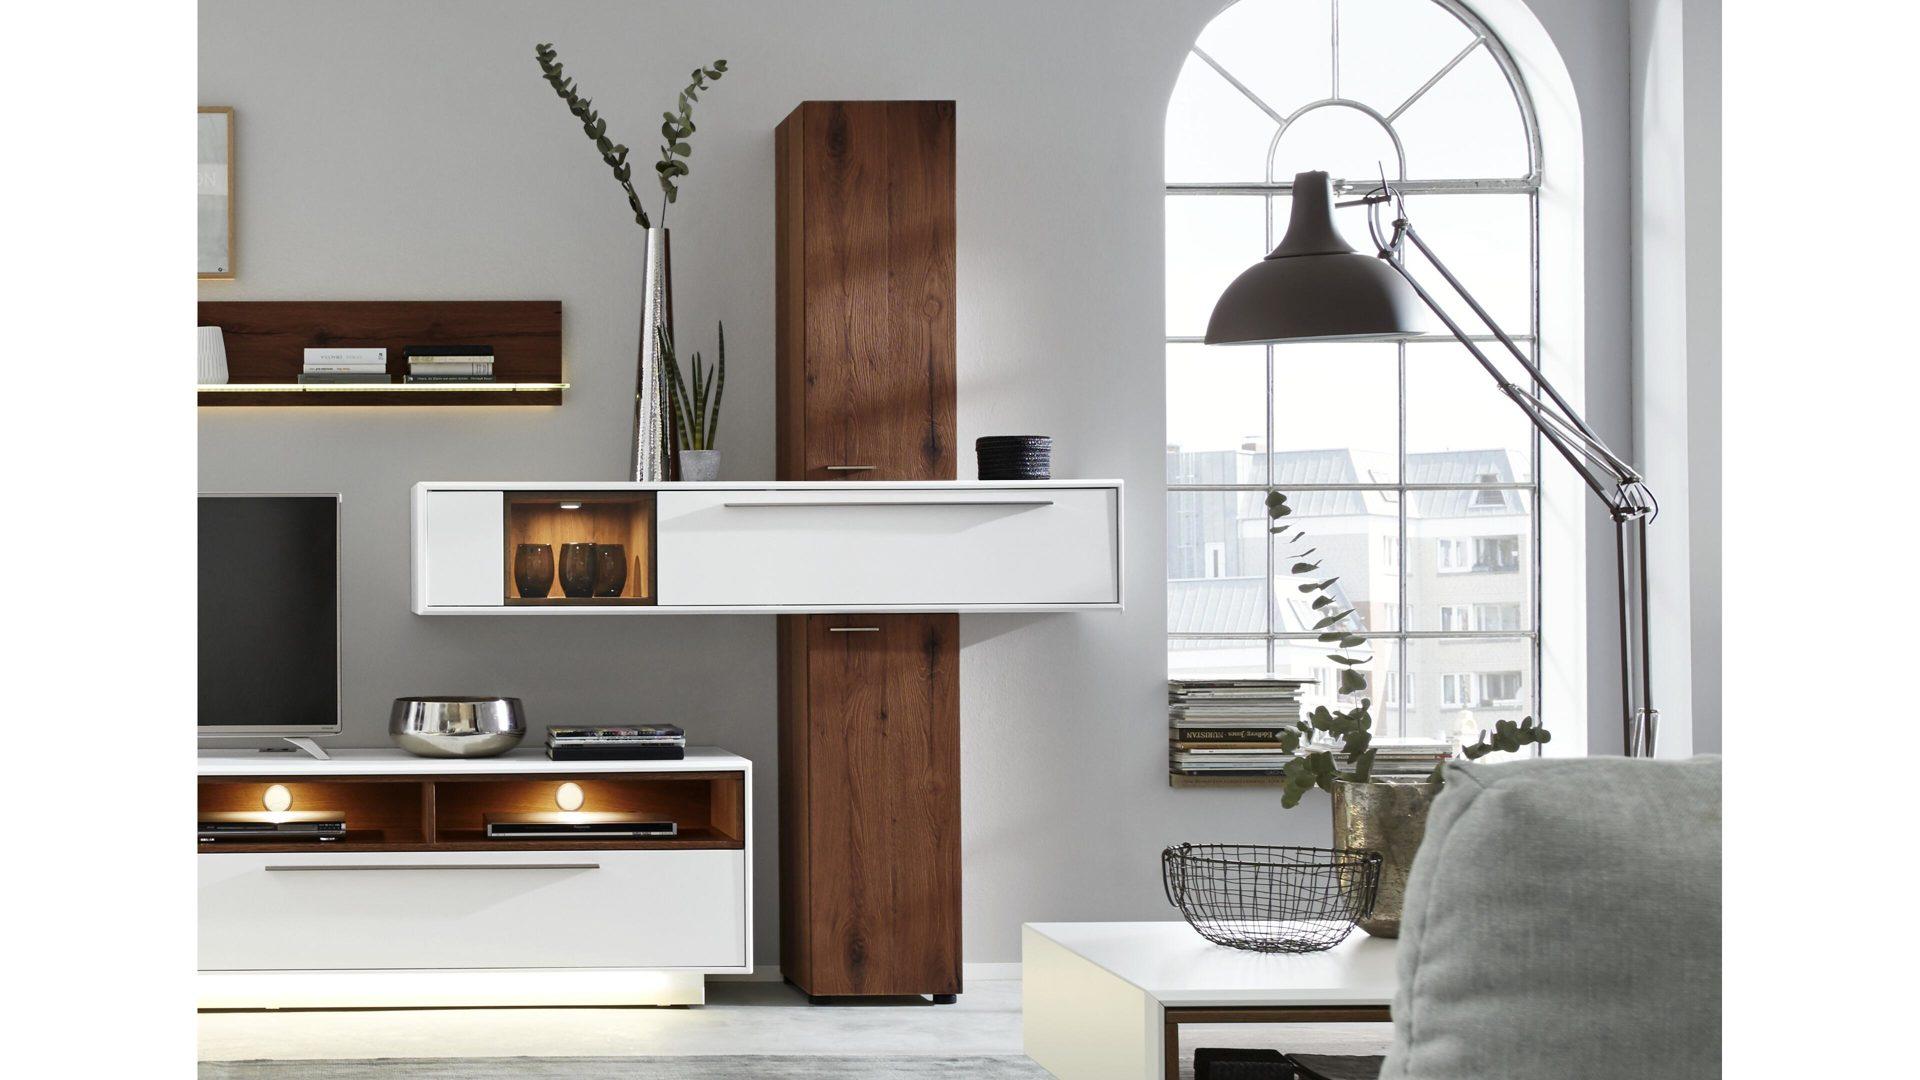 Interliving Wohnzimmer Serie 2102 – Designsäule, dunkles ...